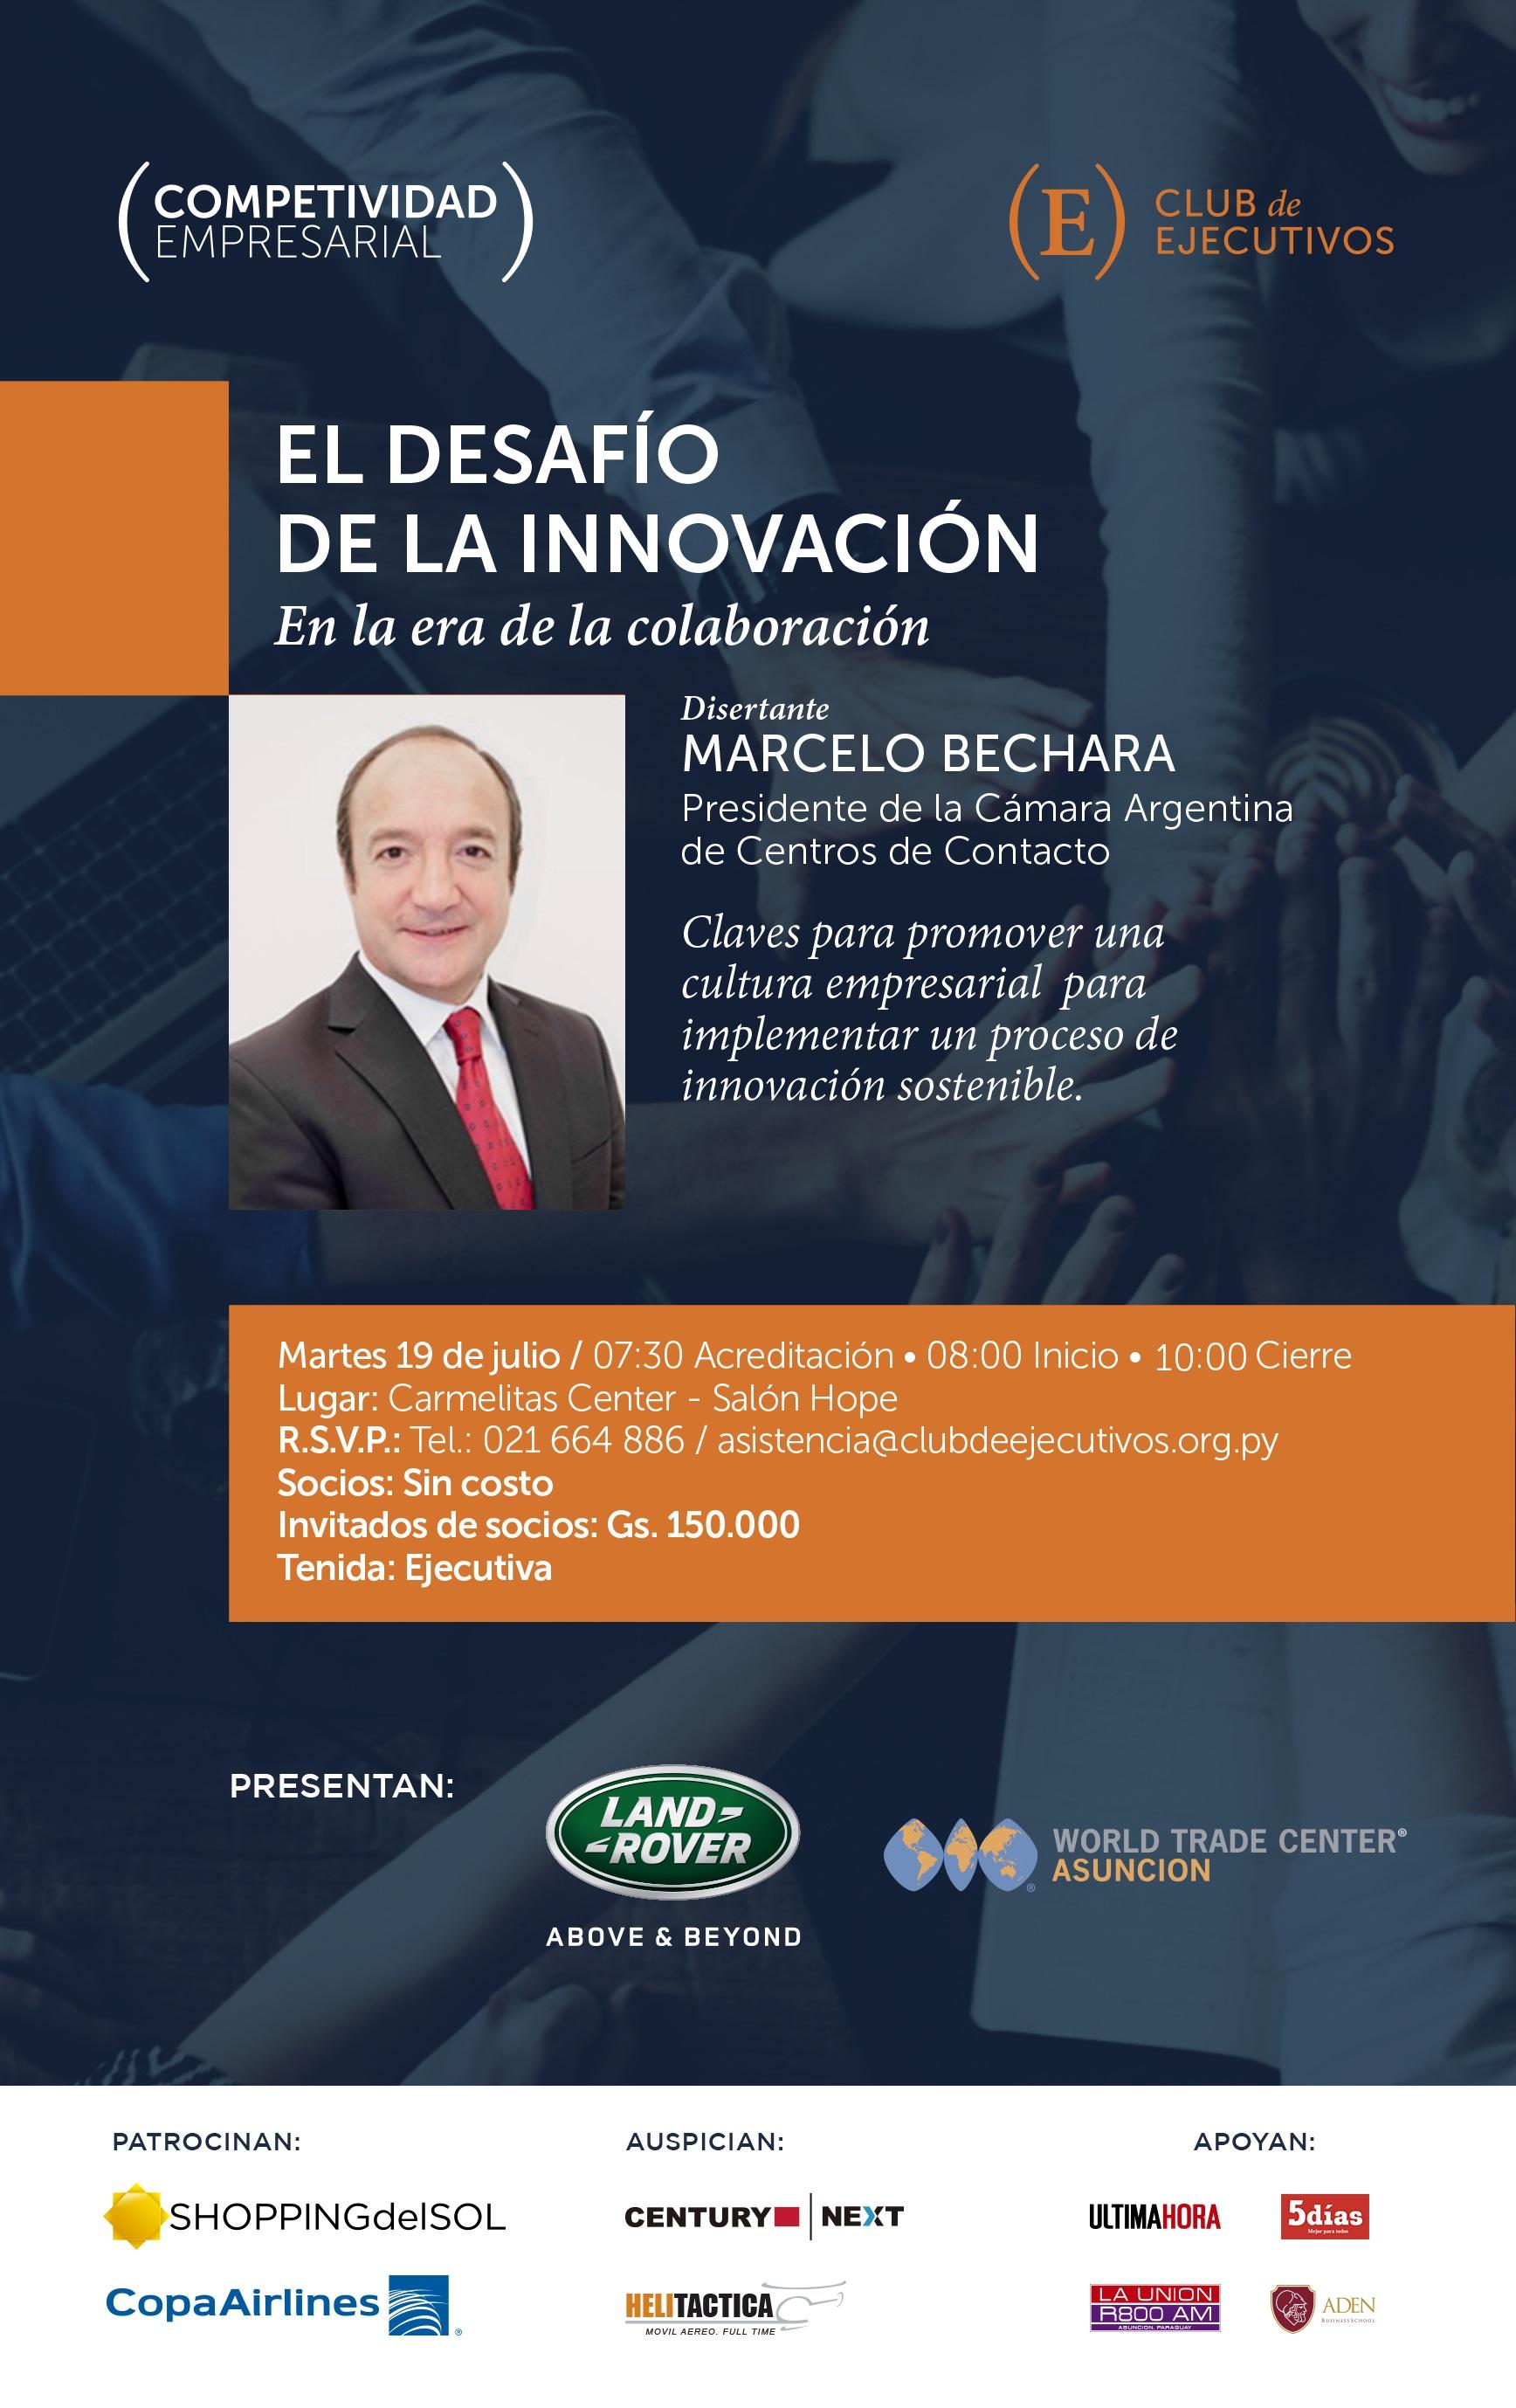 El desafio de la innovación